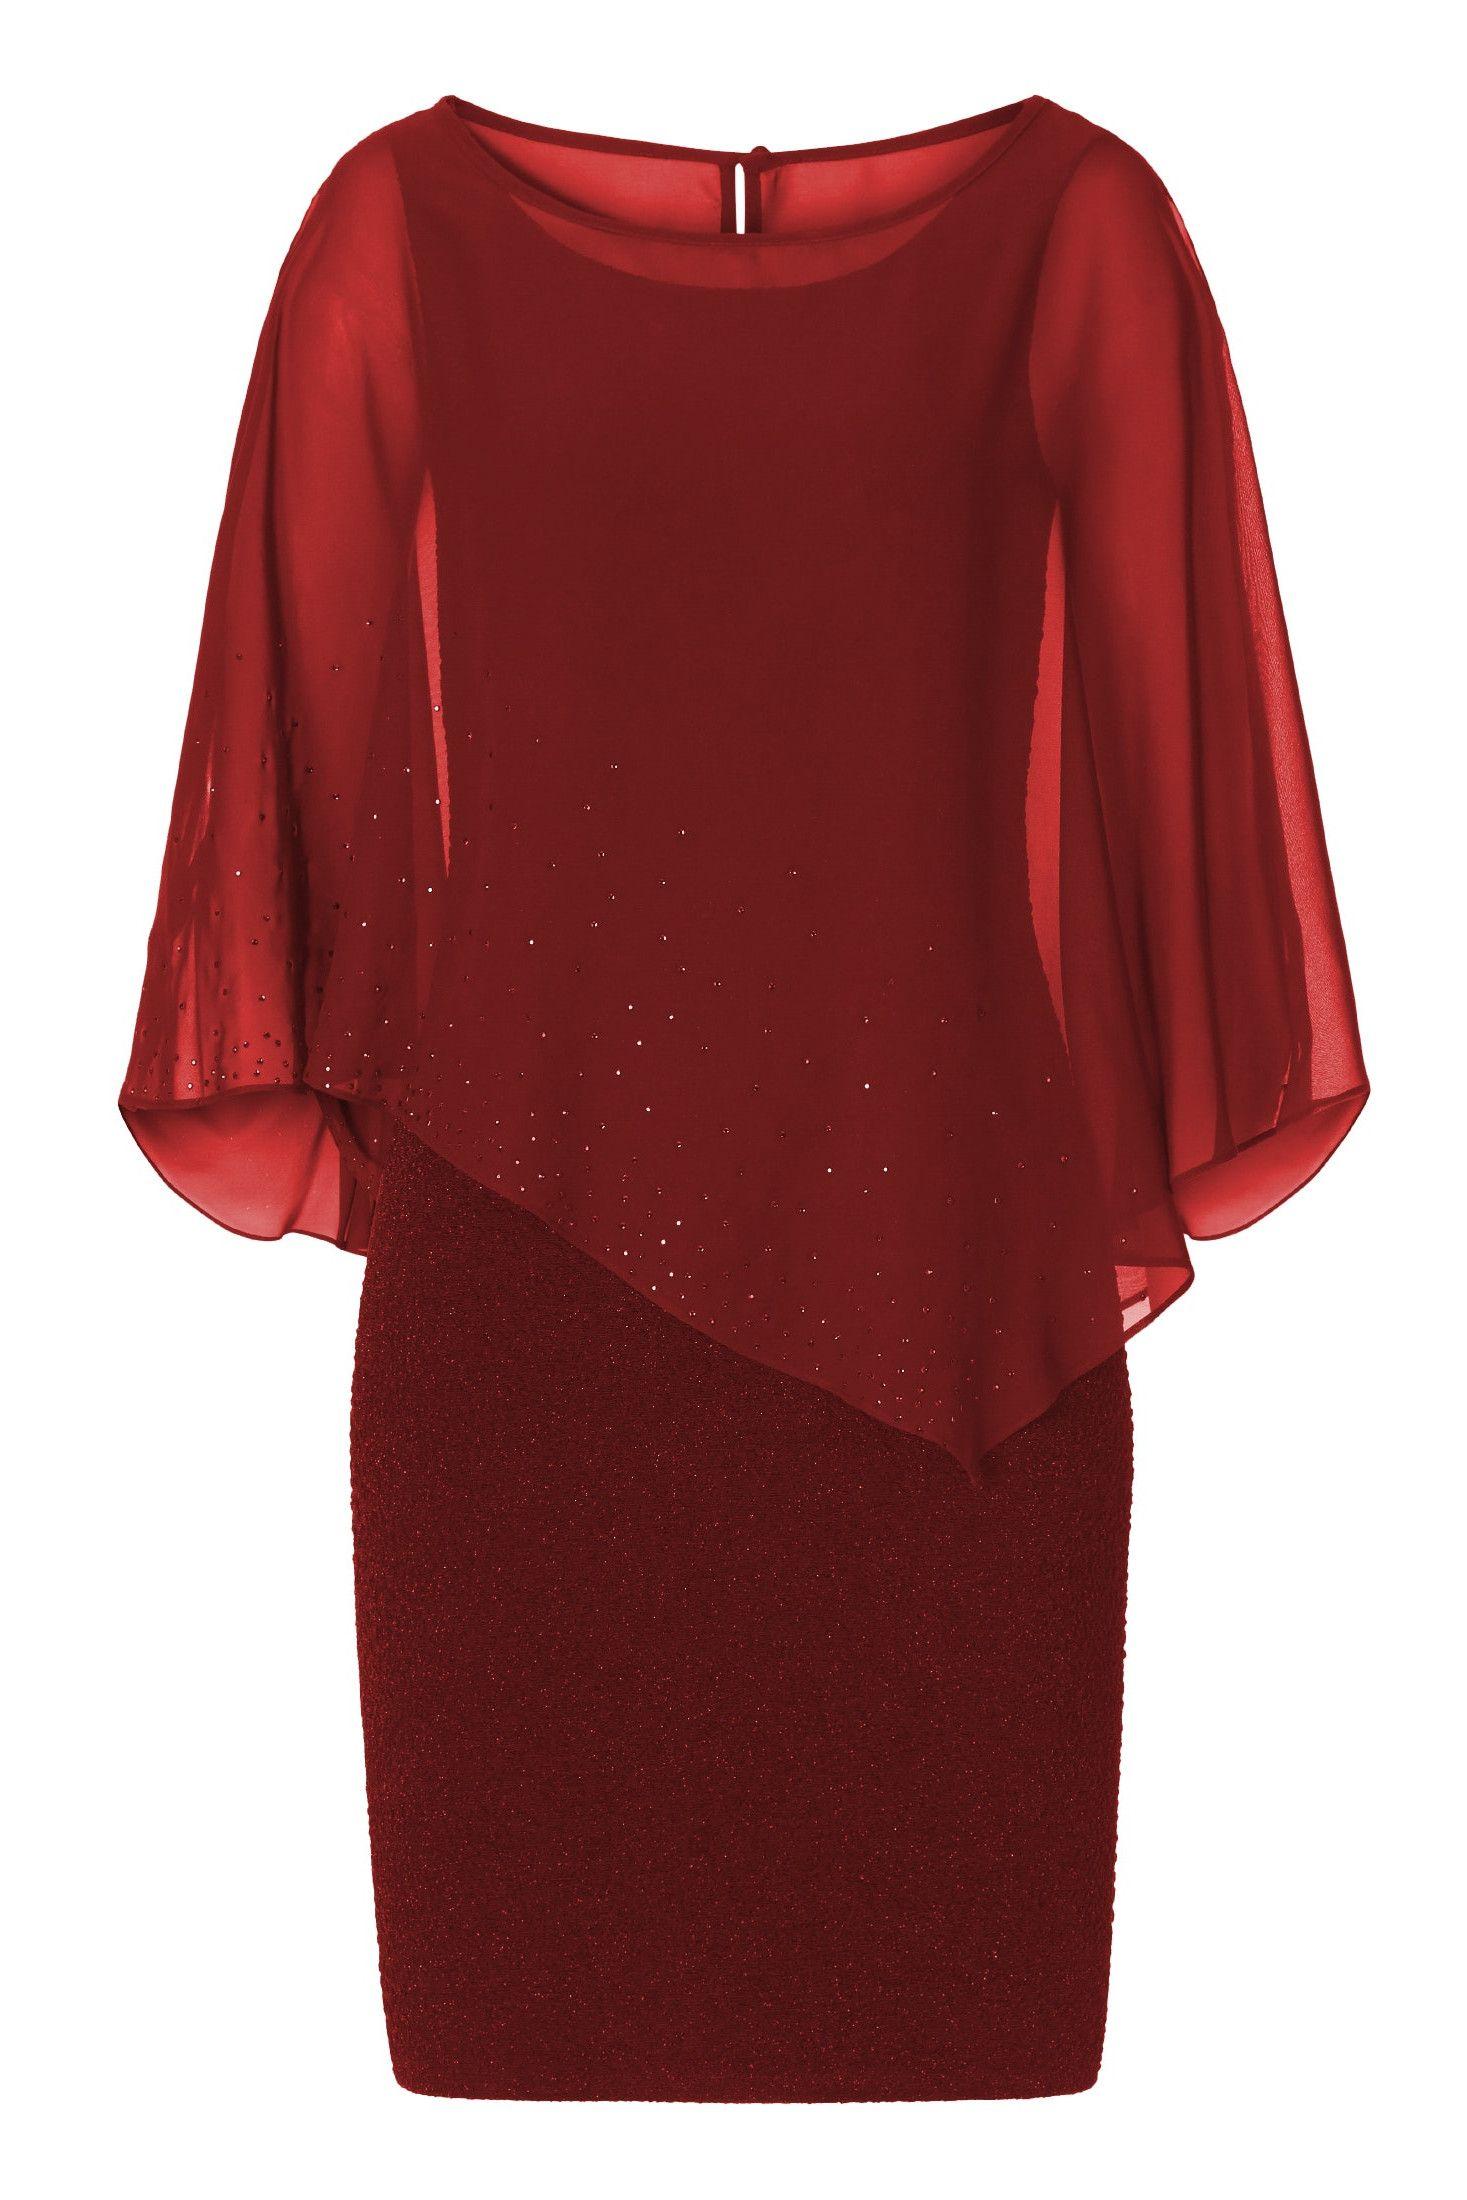 Brautmutter Kleider wie dieses rote Lurexkleid mit ...